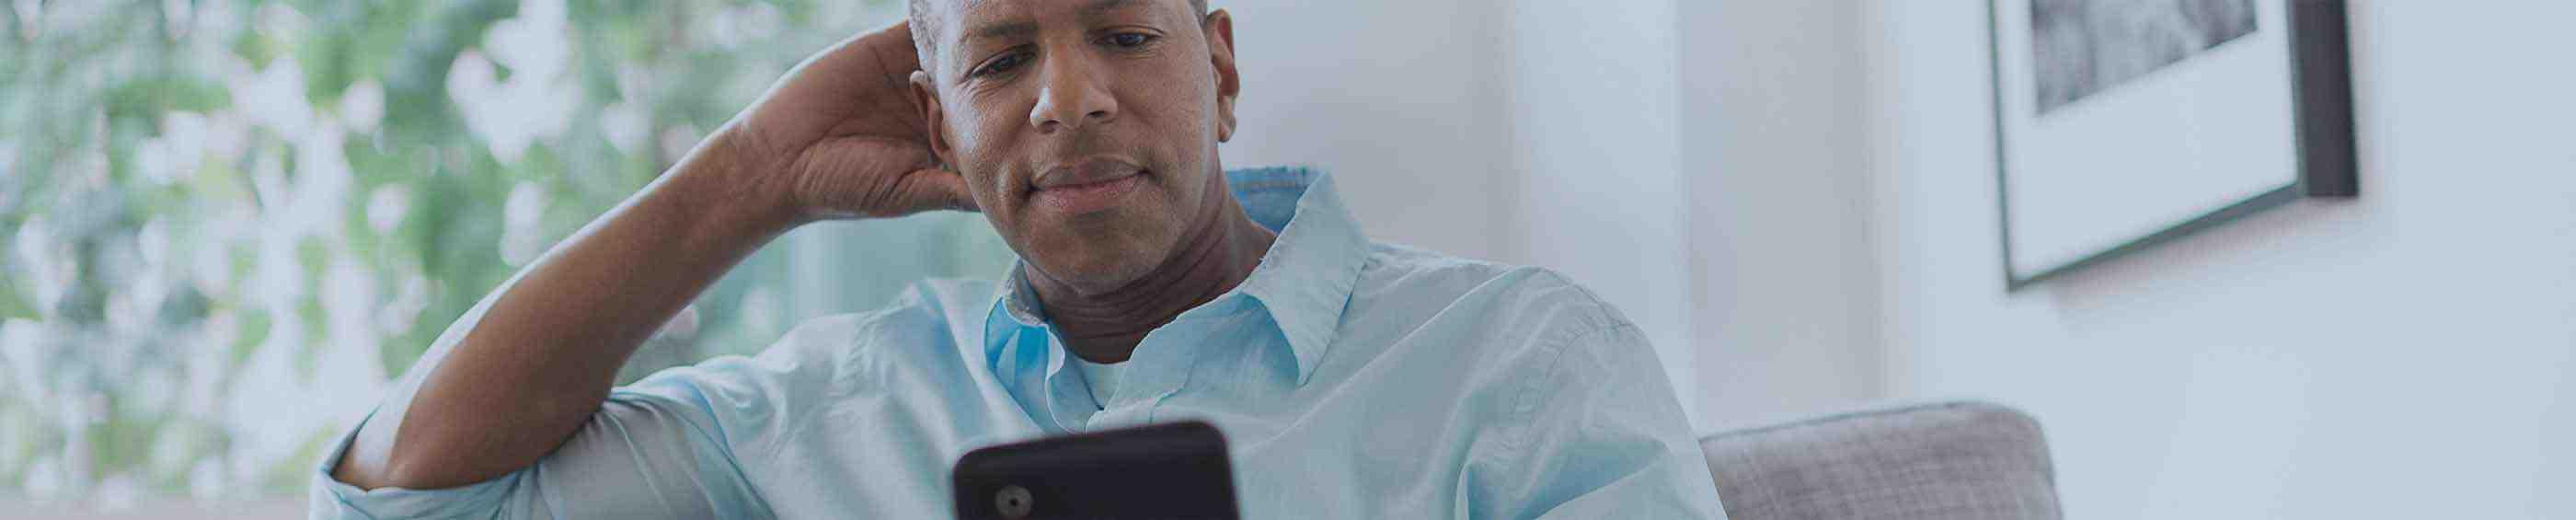 Ojciec wpatrujący się w tablet